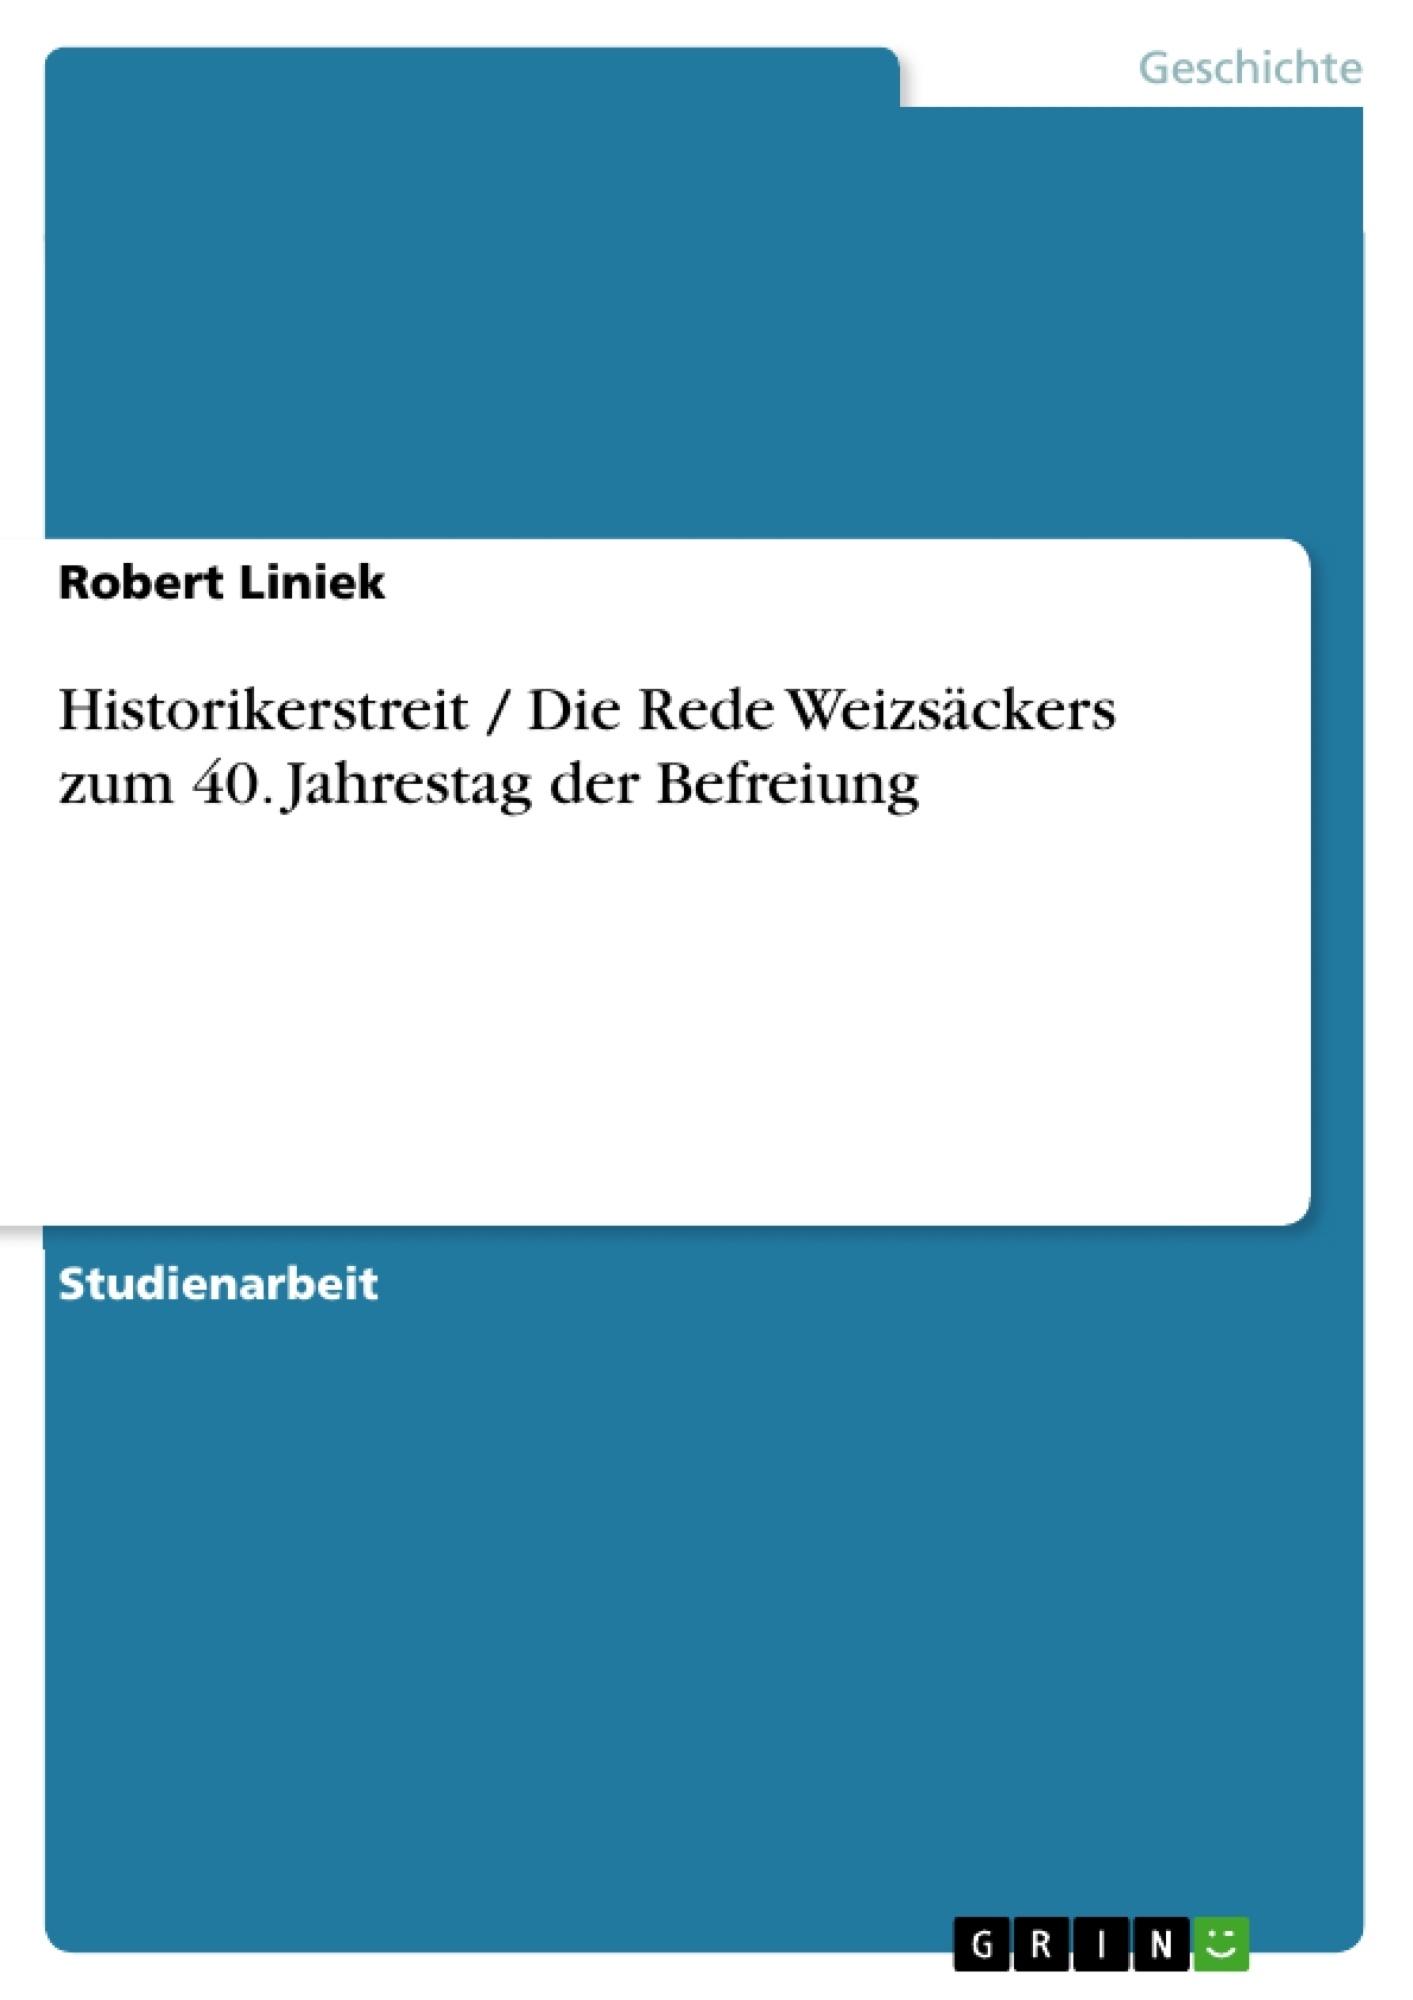 Titel: Historikerstreit / Die Rede Weizsäckers zum 40. Jahrestag der Befreiung